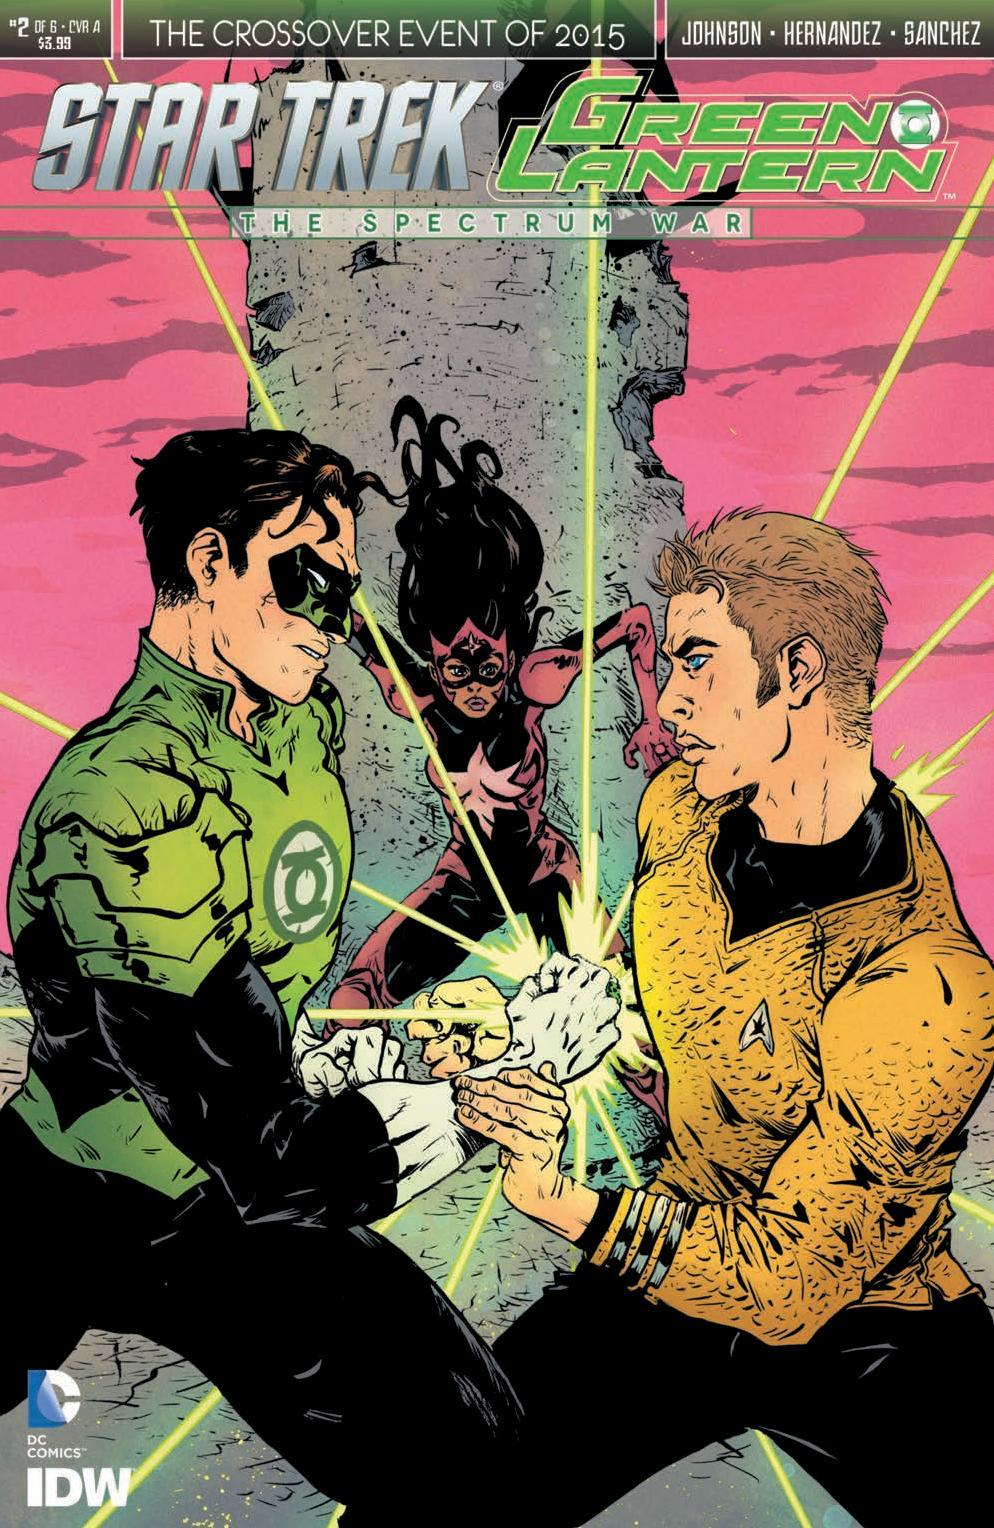 Star Trek/Green Lantern #2 Cover